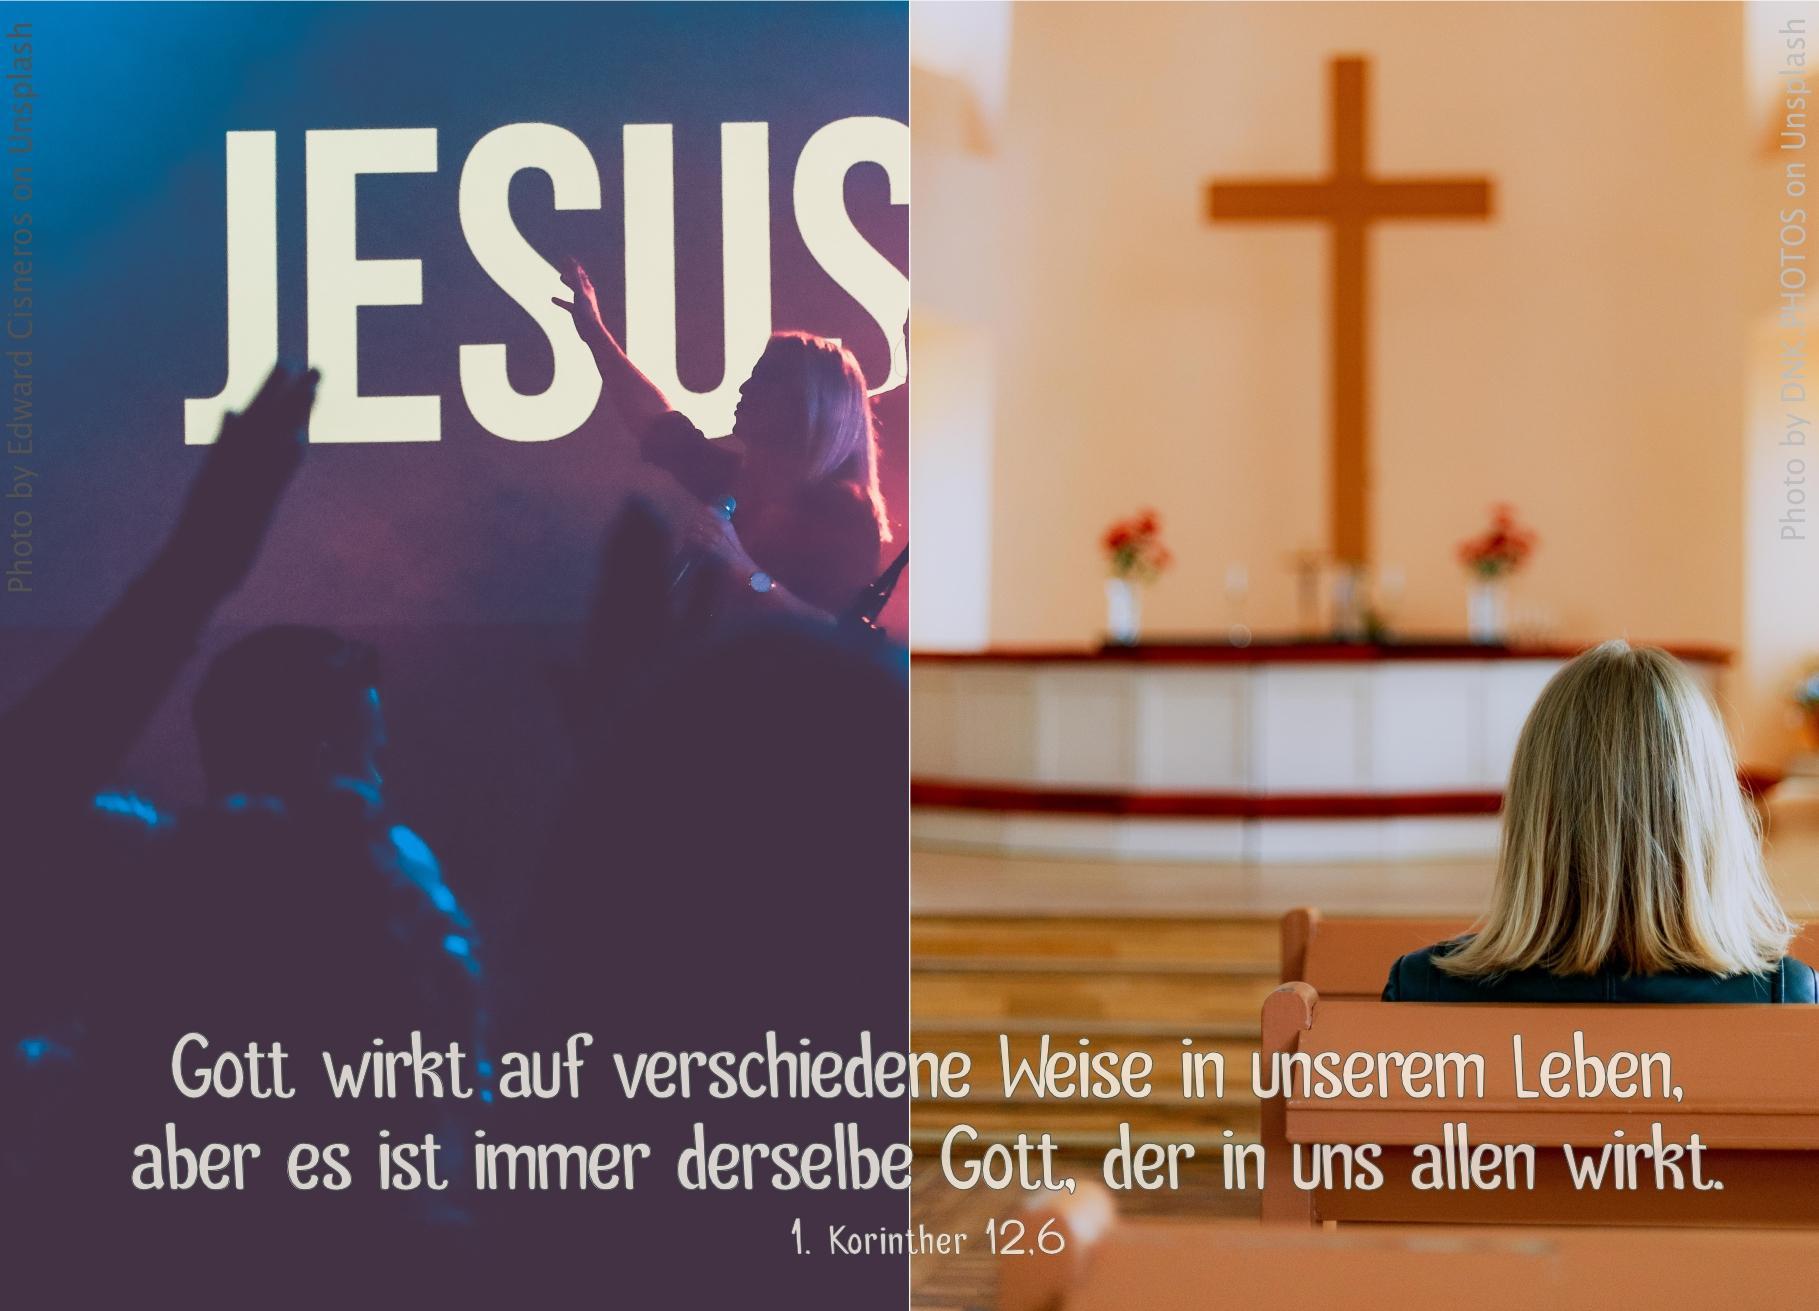 """alt=""""zwei_arten_gottesdienst_erwartet_bibelhoerbuch_geistliche_gaben"""""""